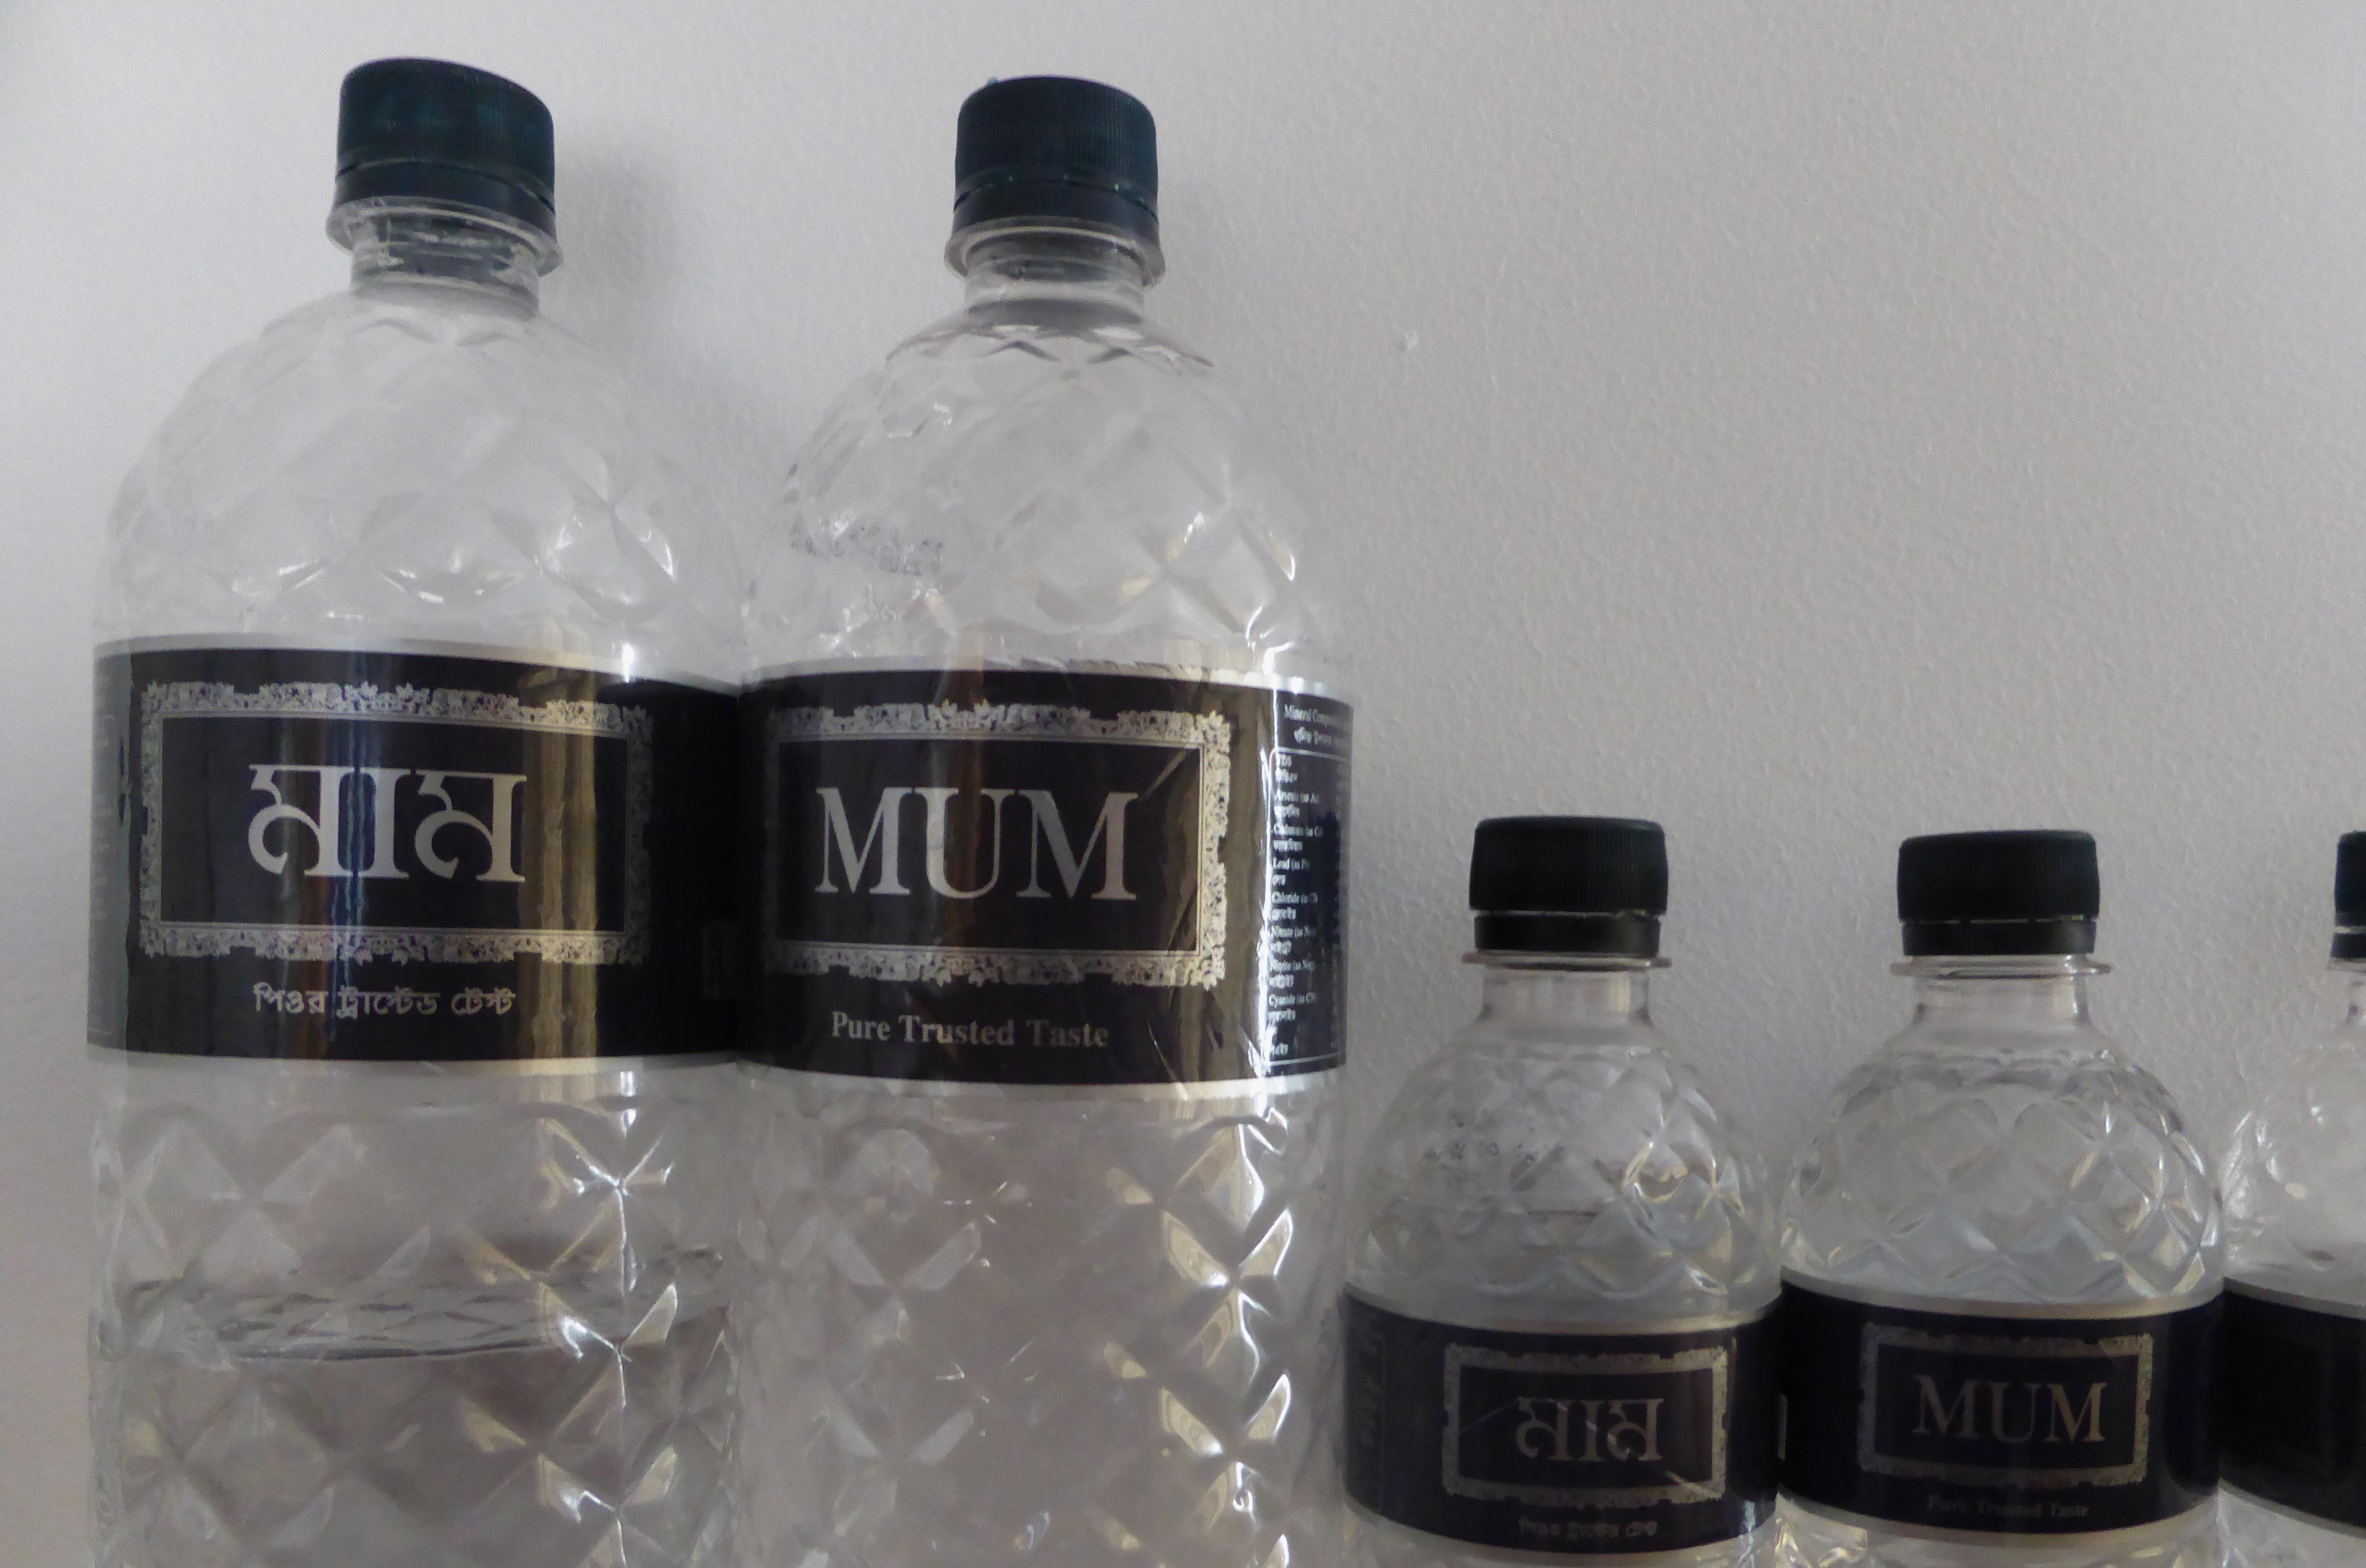 Mum is the brand here.